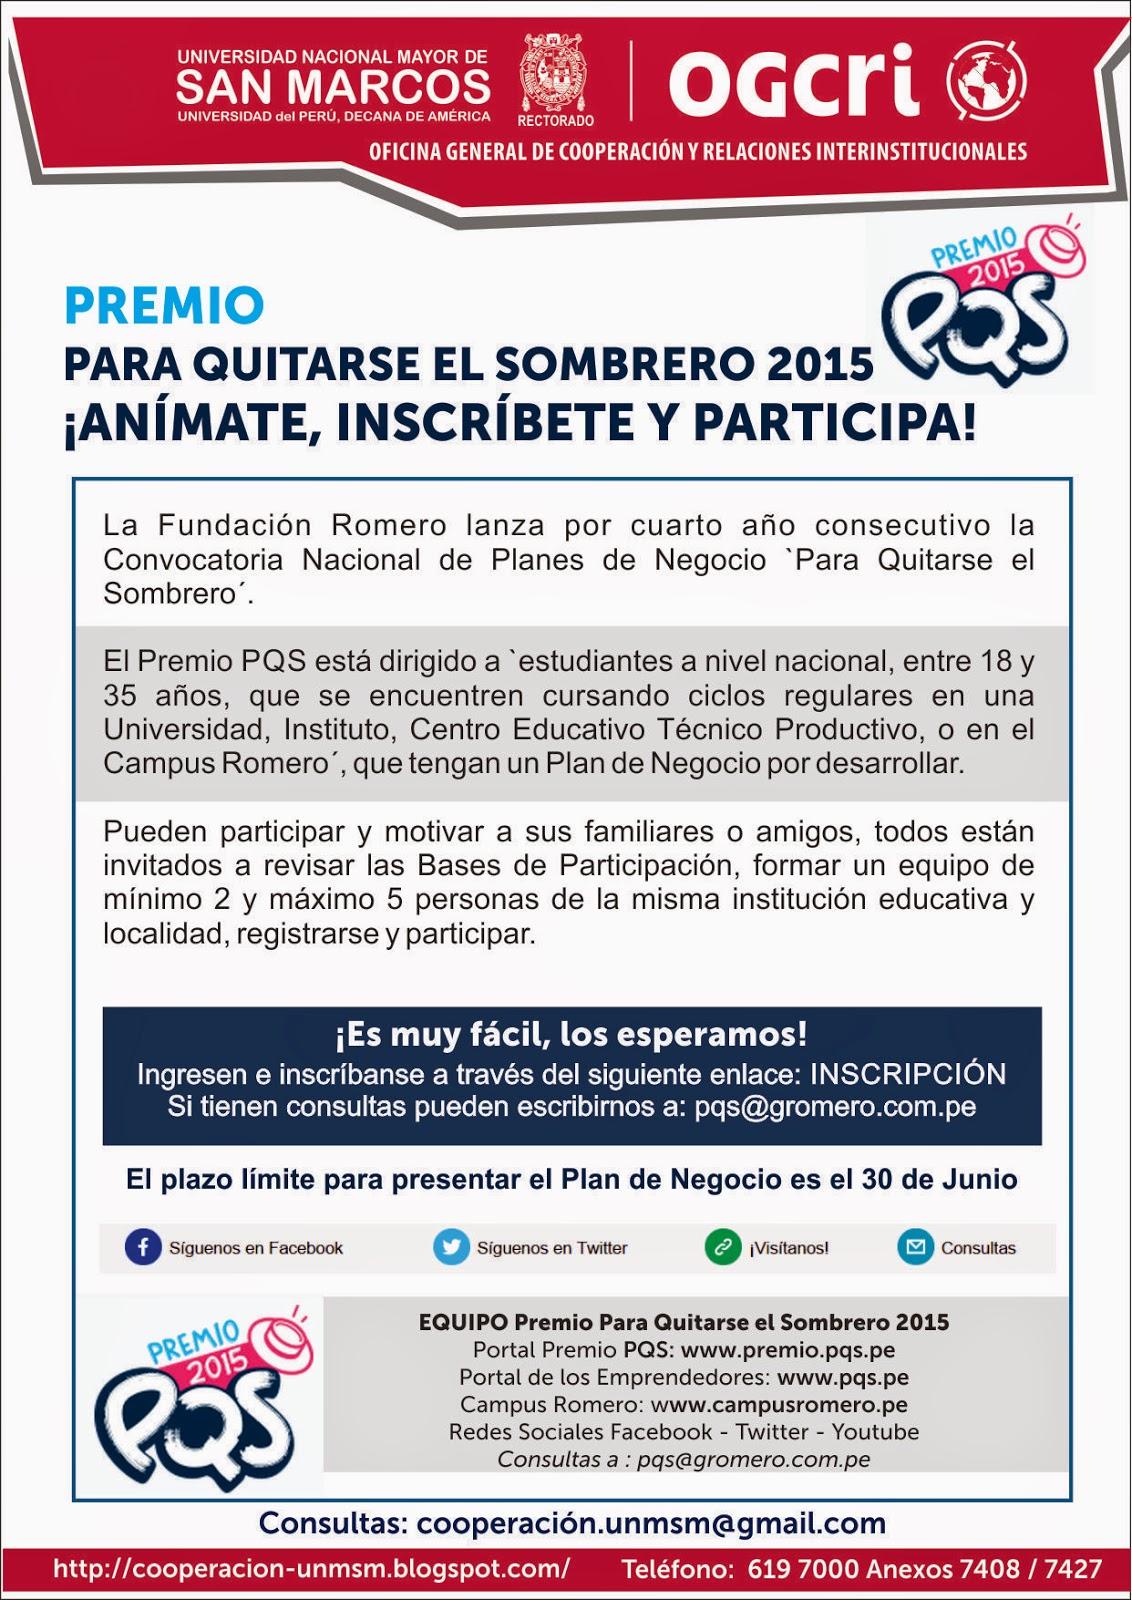 La Fundación Romero lanza por cuarto año consecutivo la Convocatoria  Nacional de Planes de Negocio `Para Quitarse el Sombrero´. Este año hemos  optimizado ... 1d4b2515c55